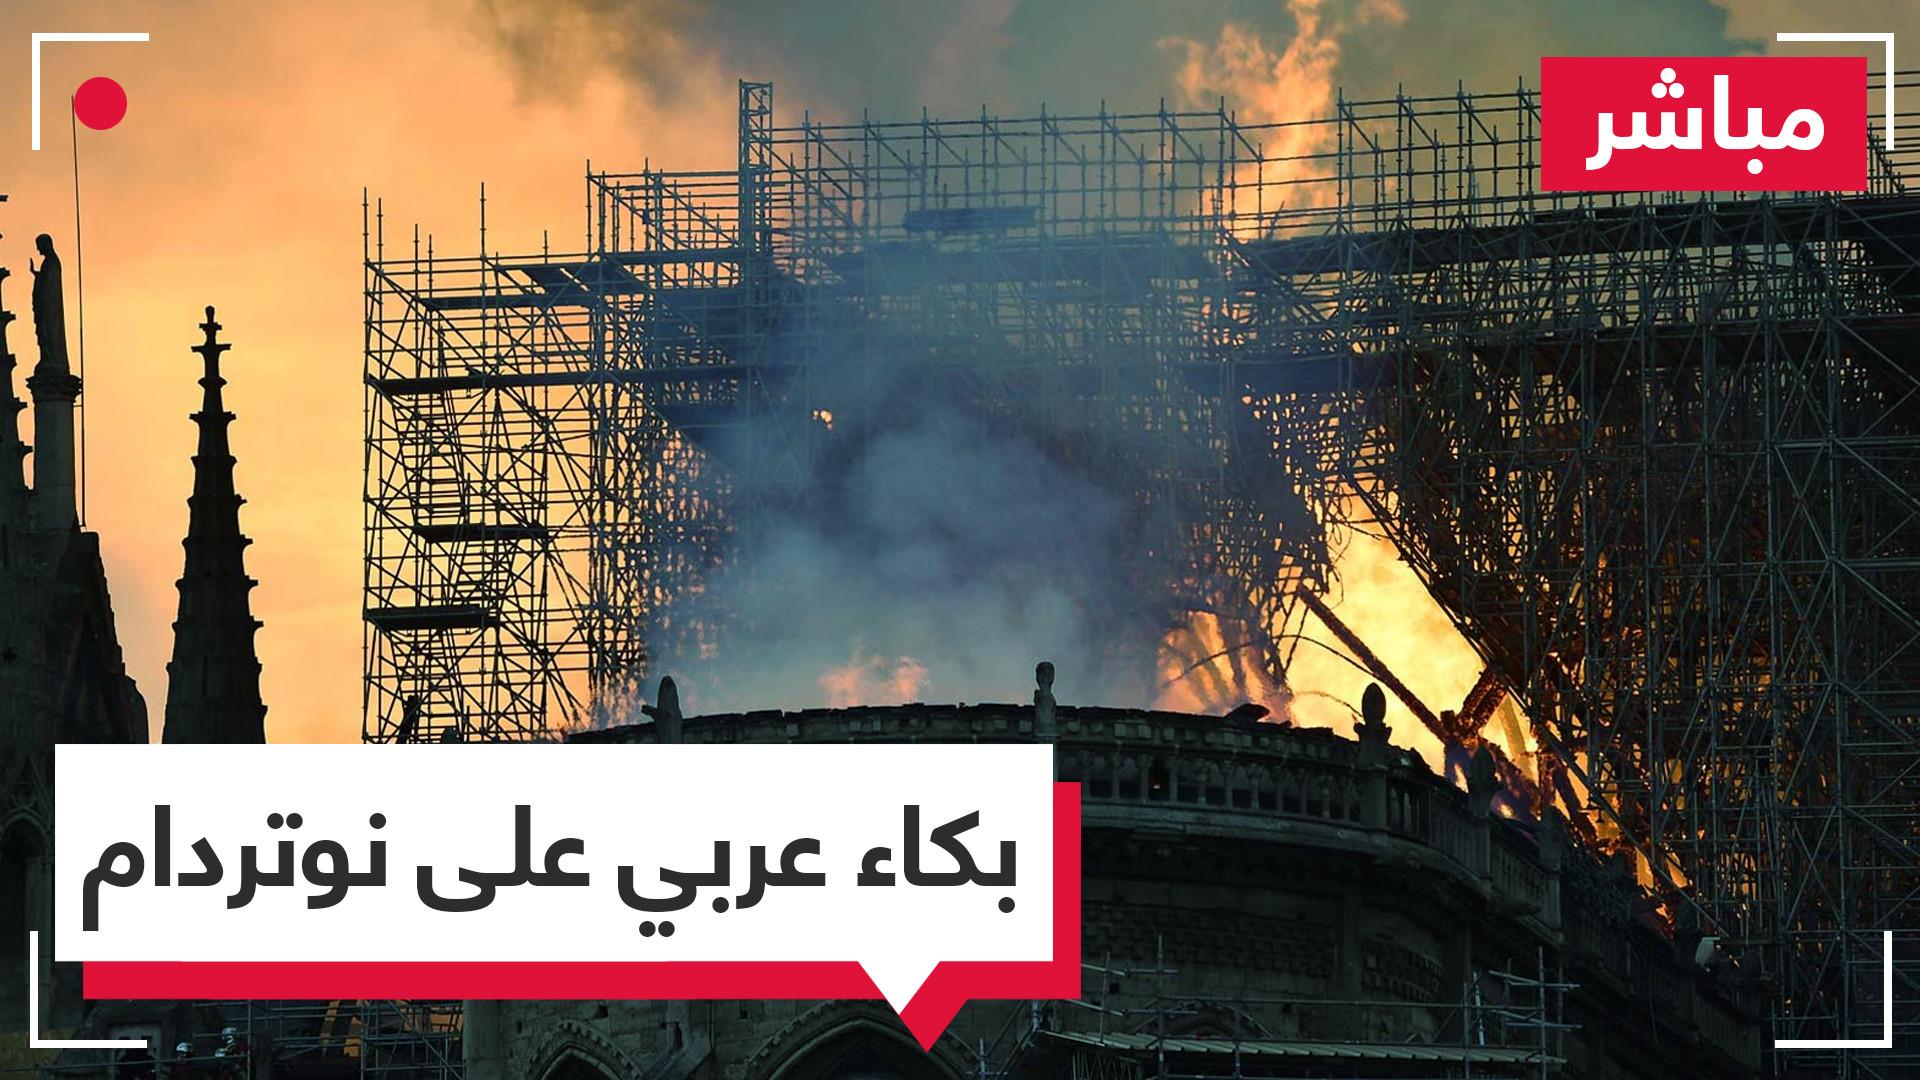 عرب حزينون على كاتدرائية نوتردام ولم يهتموا بدمار تدمر والمسجد الأموي وغيرهما الكثير